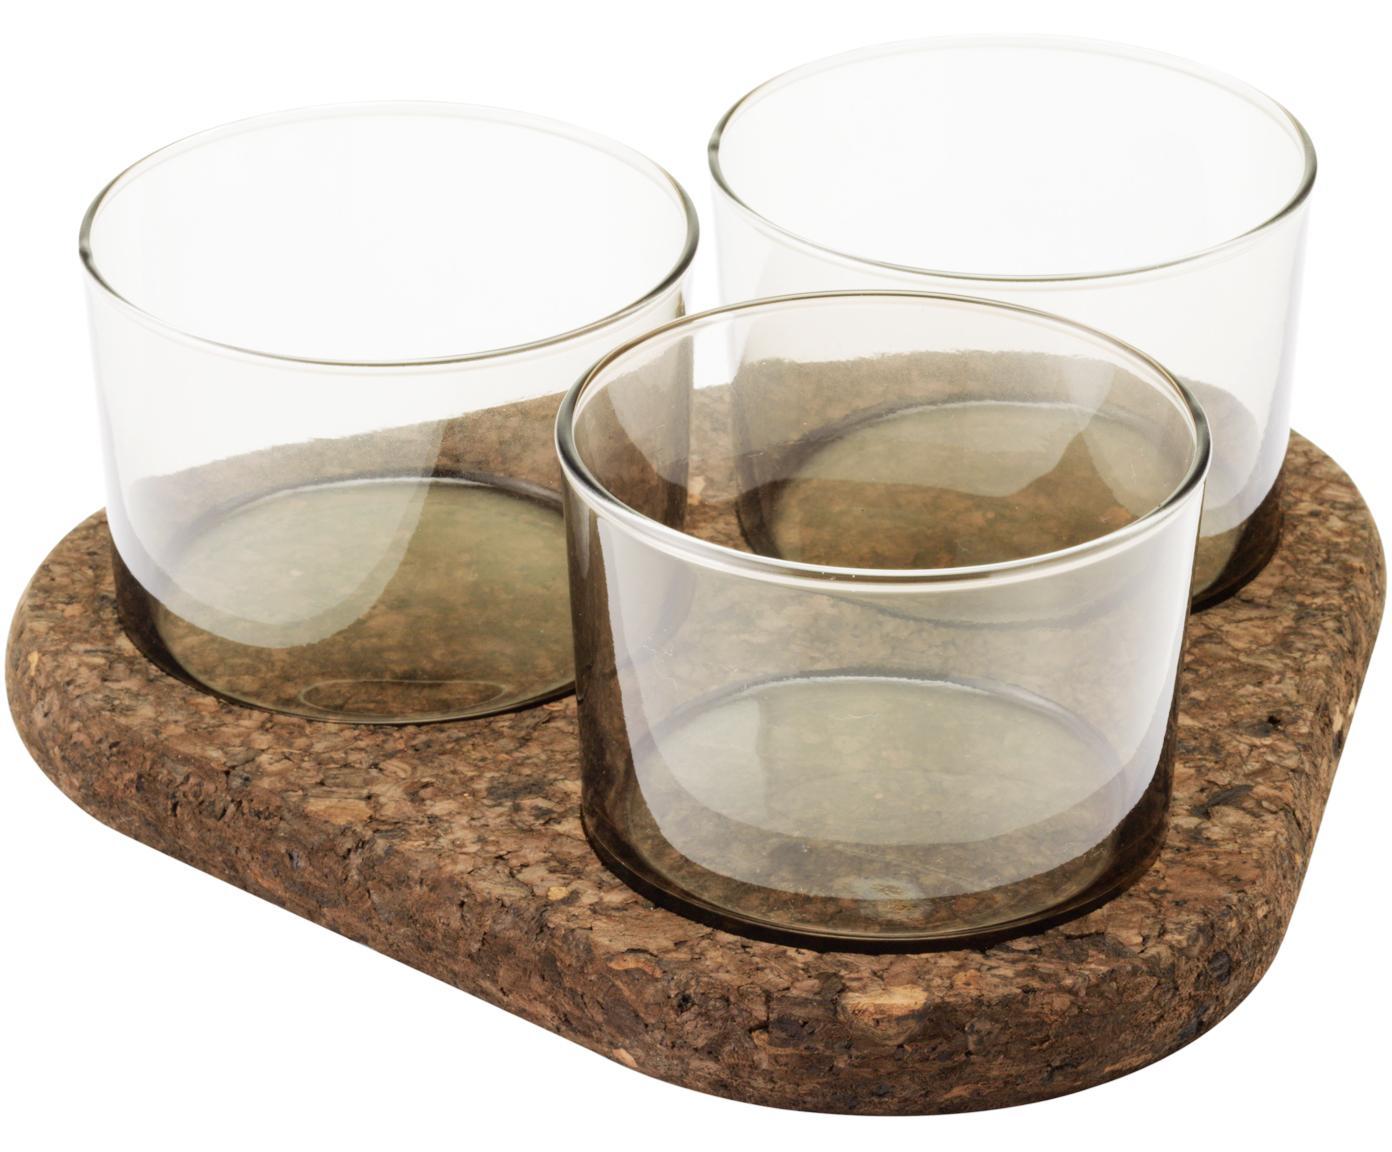 Komplet miseczek do serwowania Raw, 4 elem., Szkło, korek, Transparentny, brązowy, Różne rozmiary